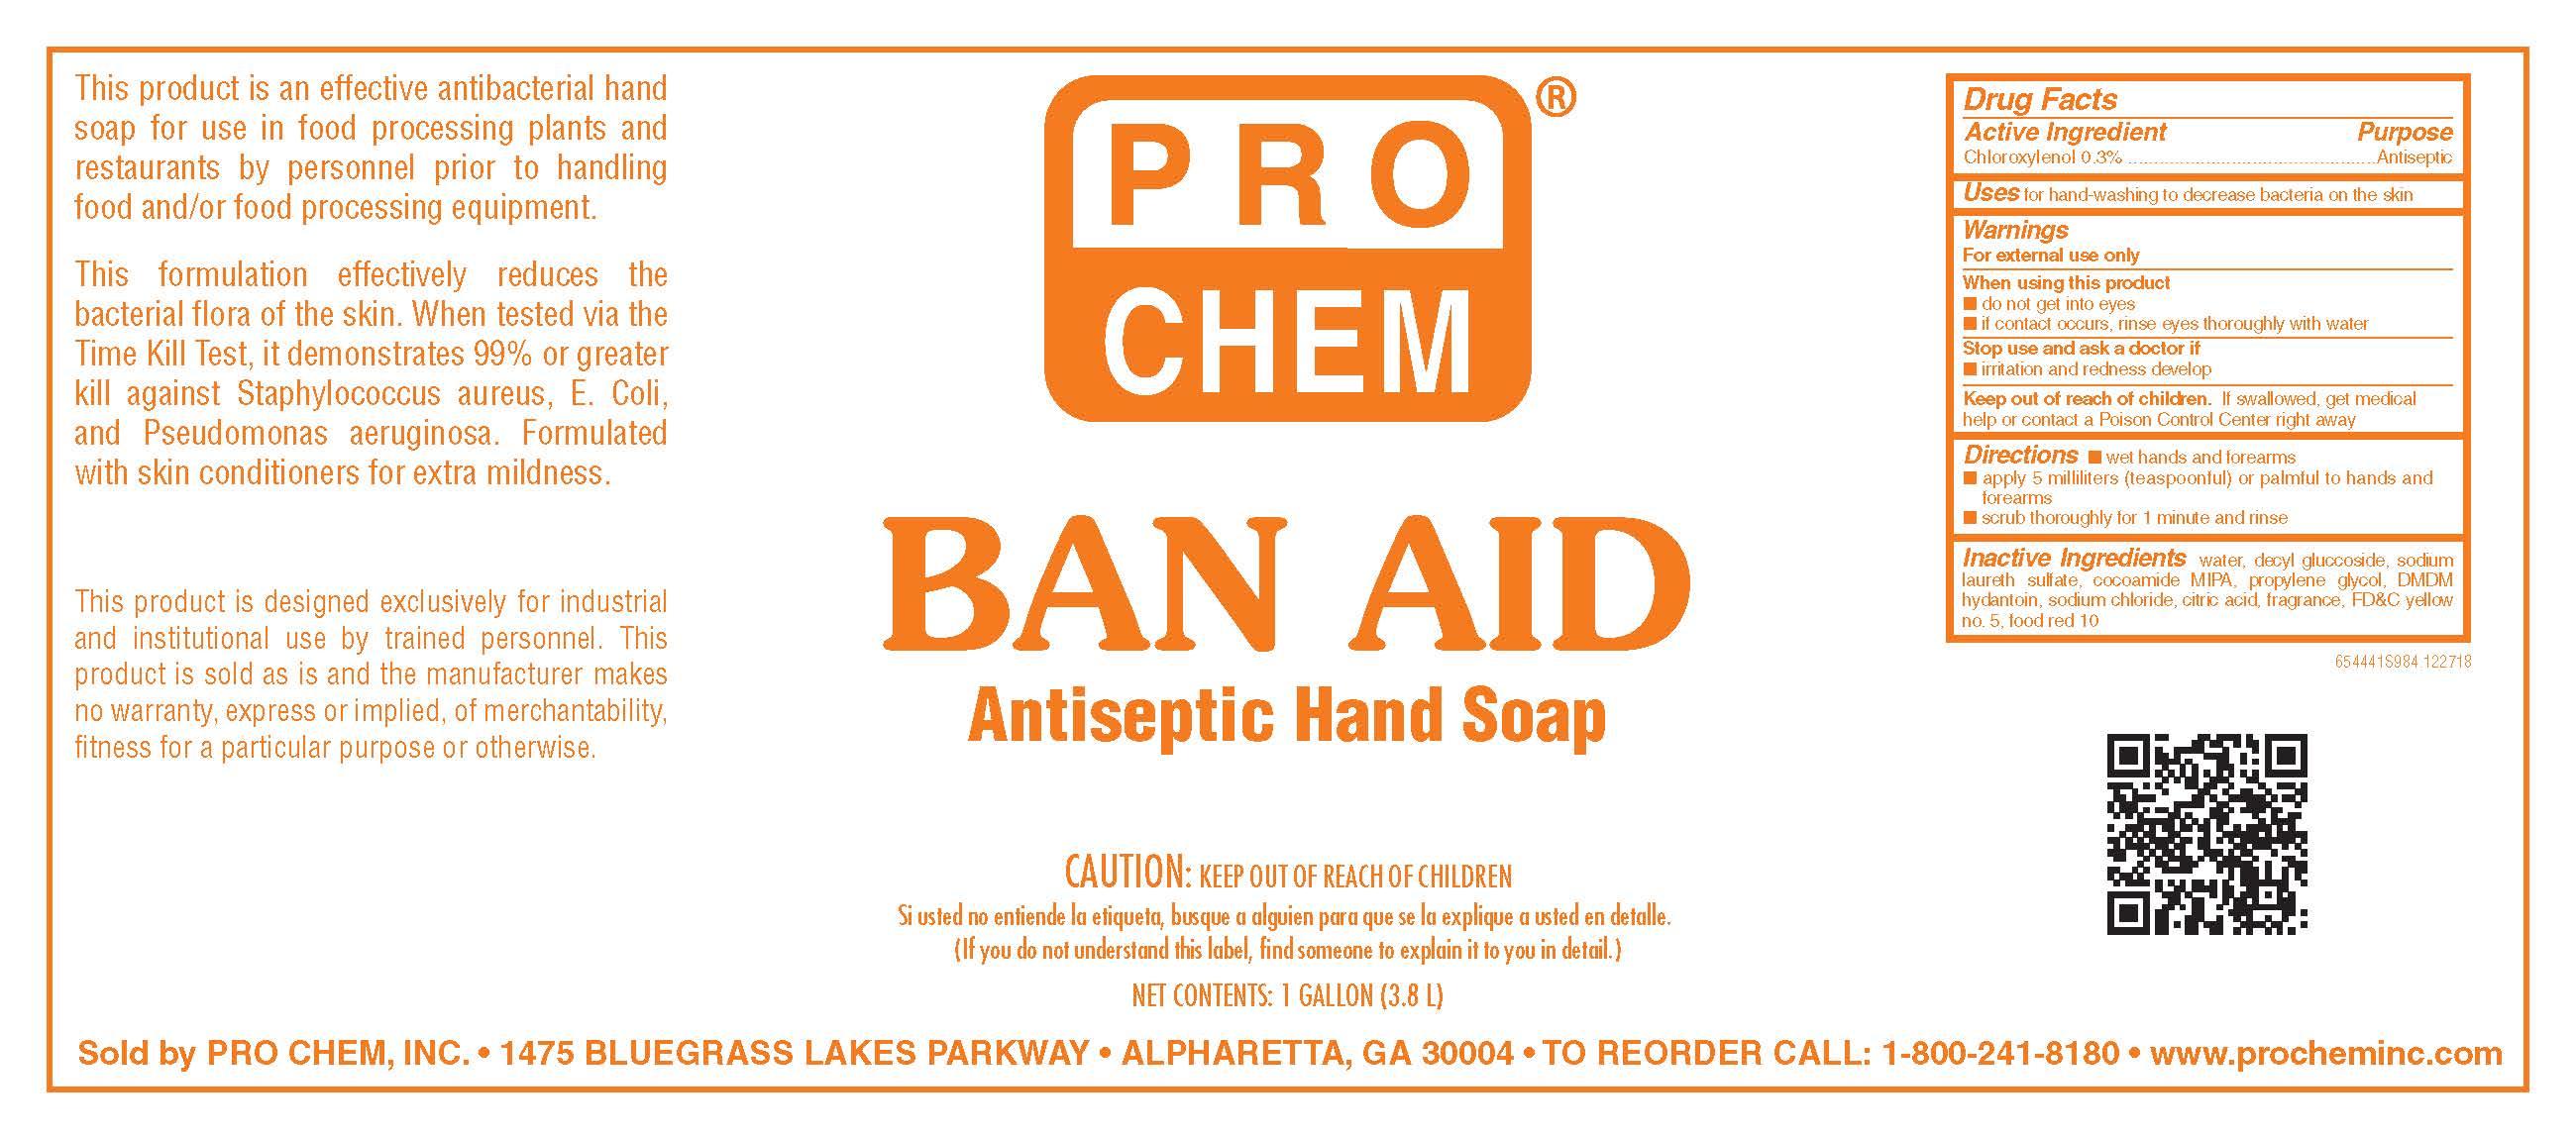 Ban-aid (Chloroxylenol) Soap [Pro Chem, Inc.]